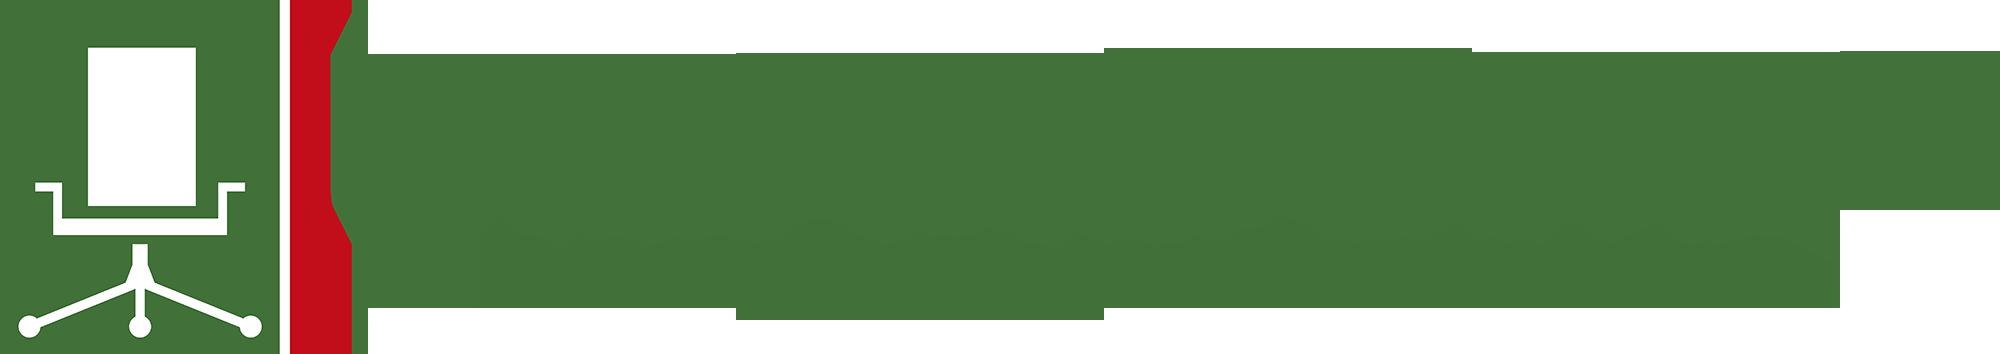 logo design indar carmet milano